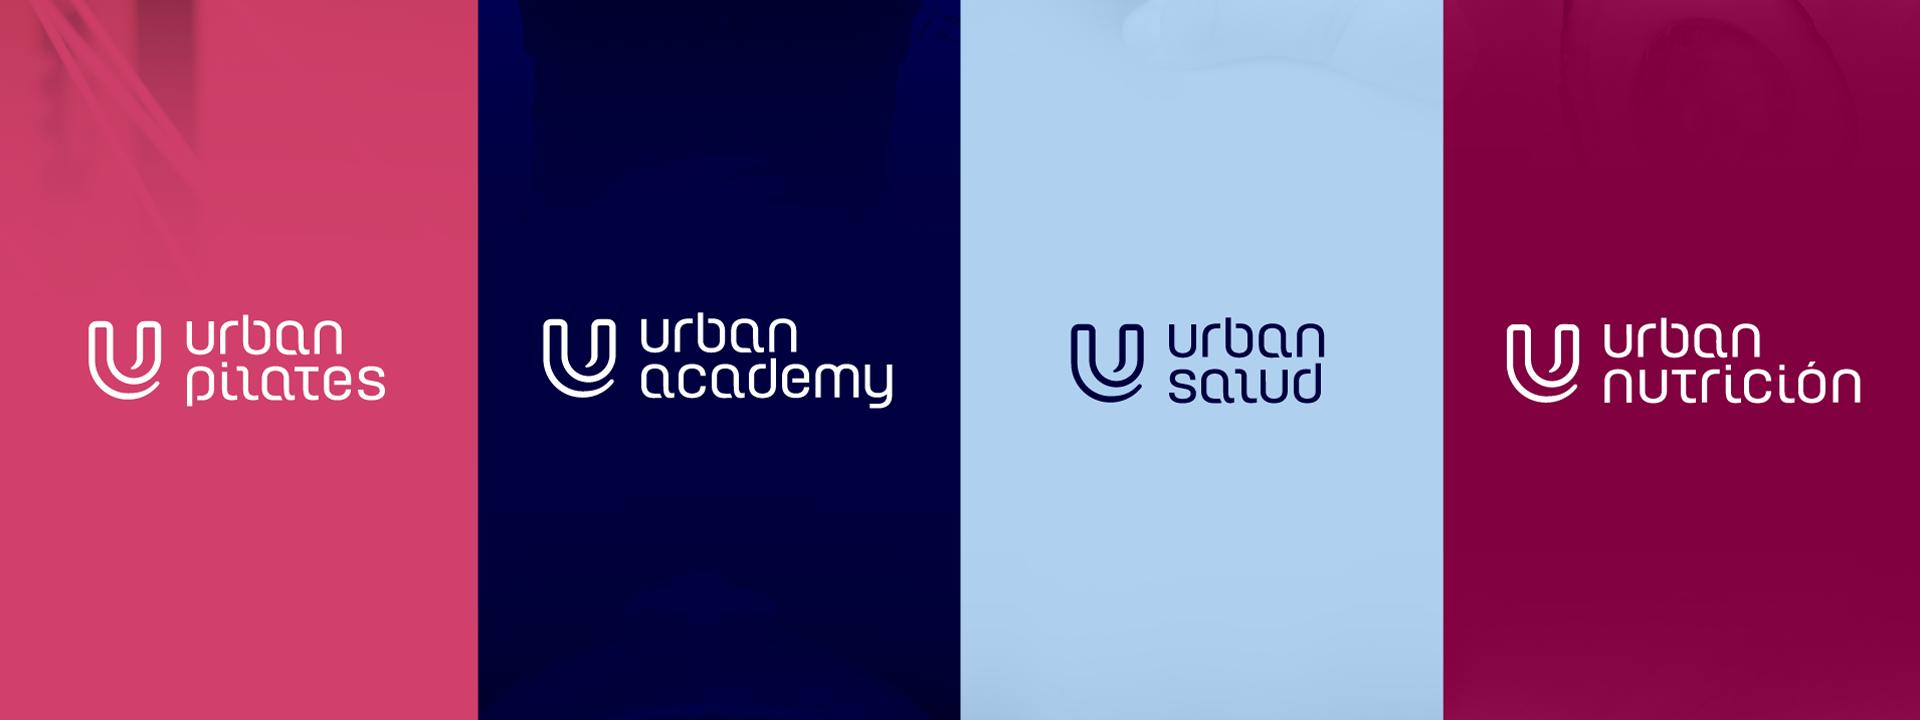 submarcas02-Urban